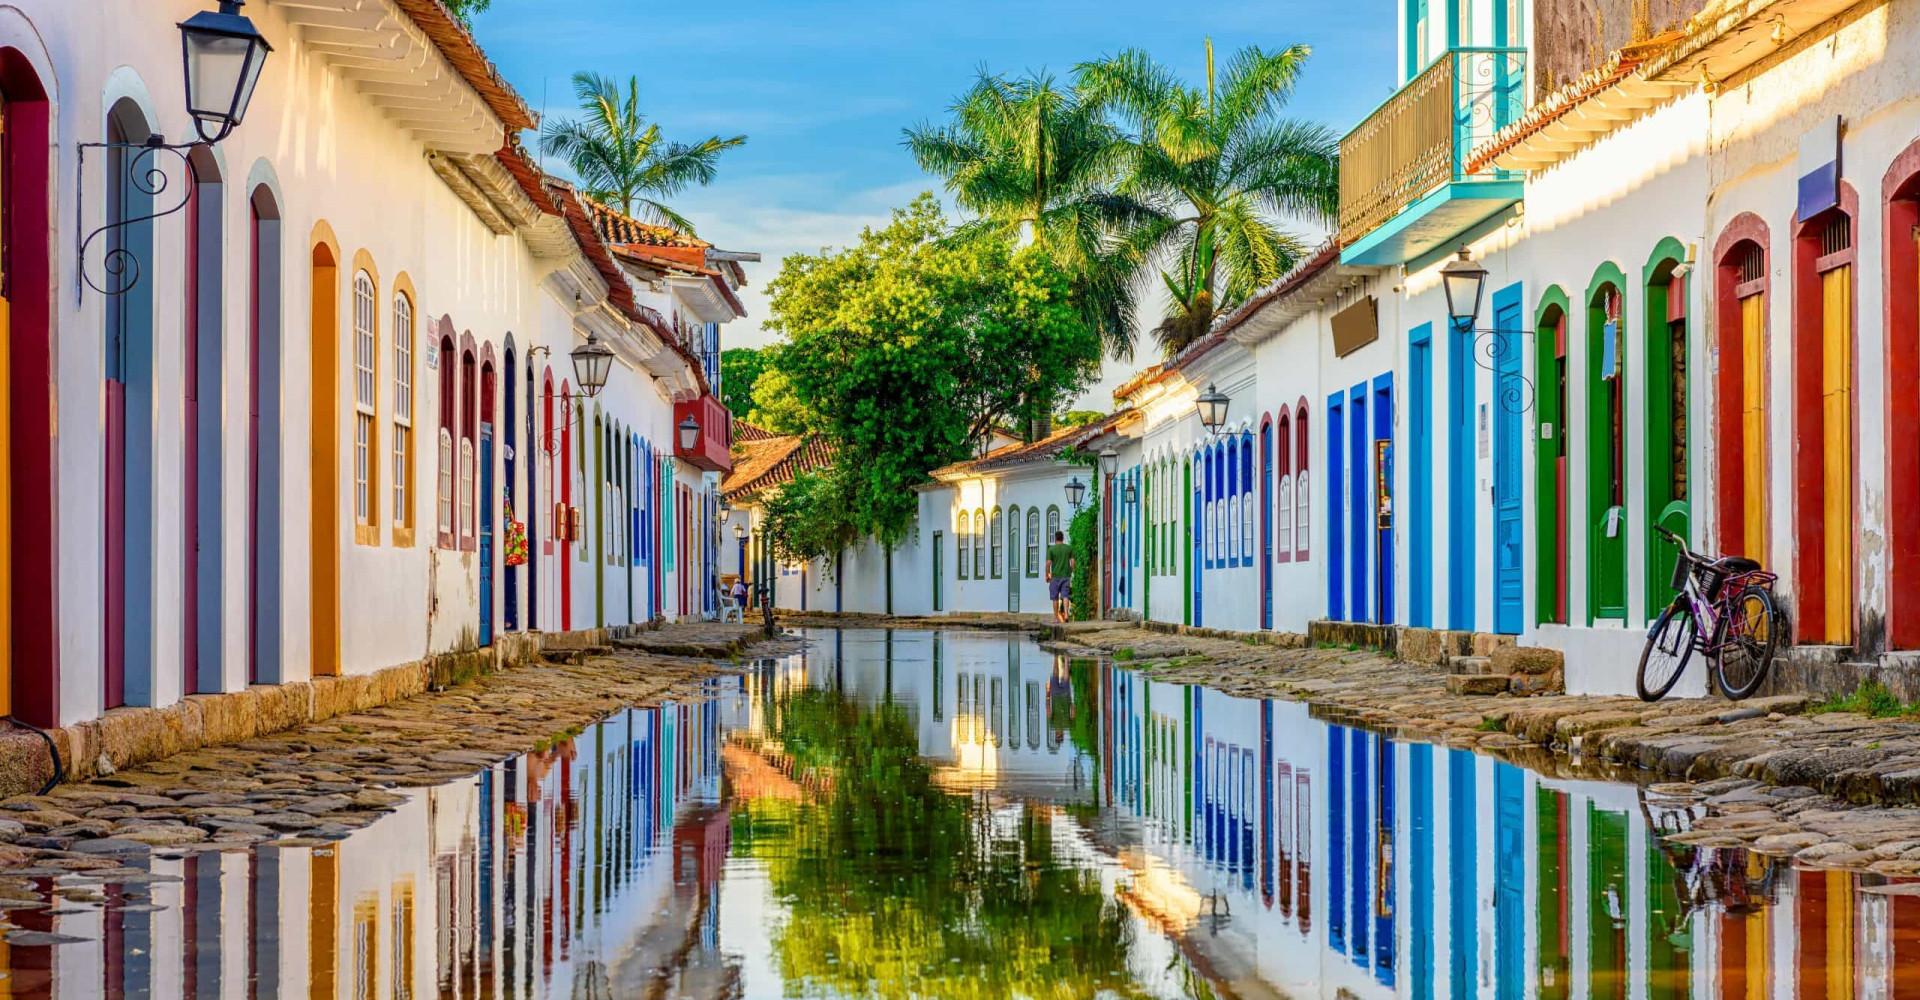 Explore a América do Sul em 70 Patrimônios Mundiais; 22 estão no Brasil